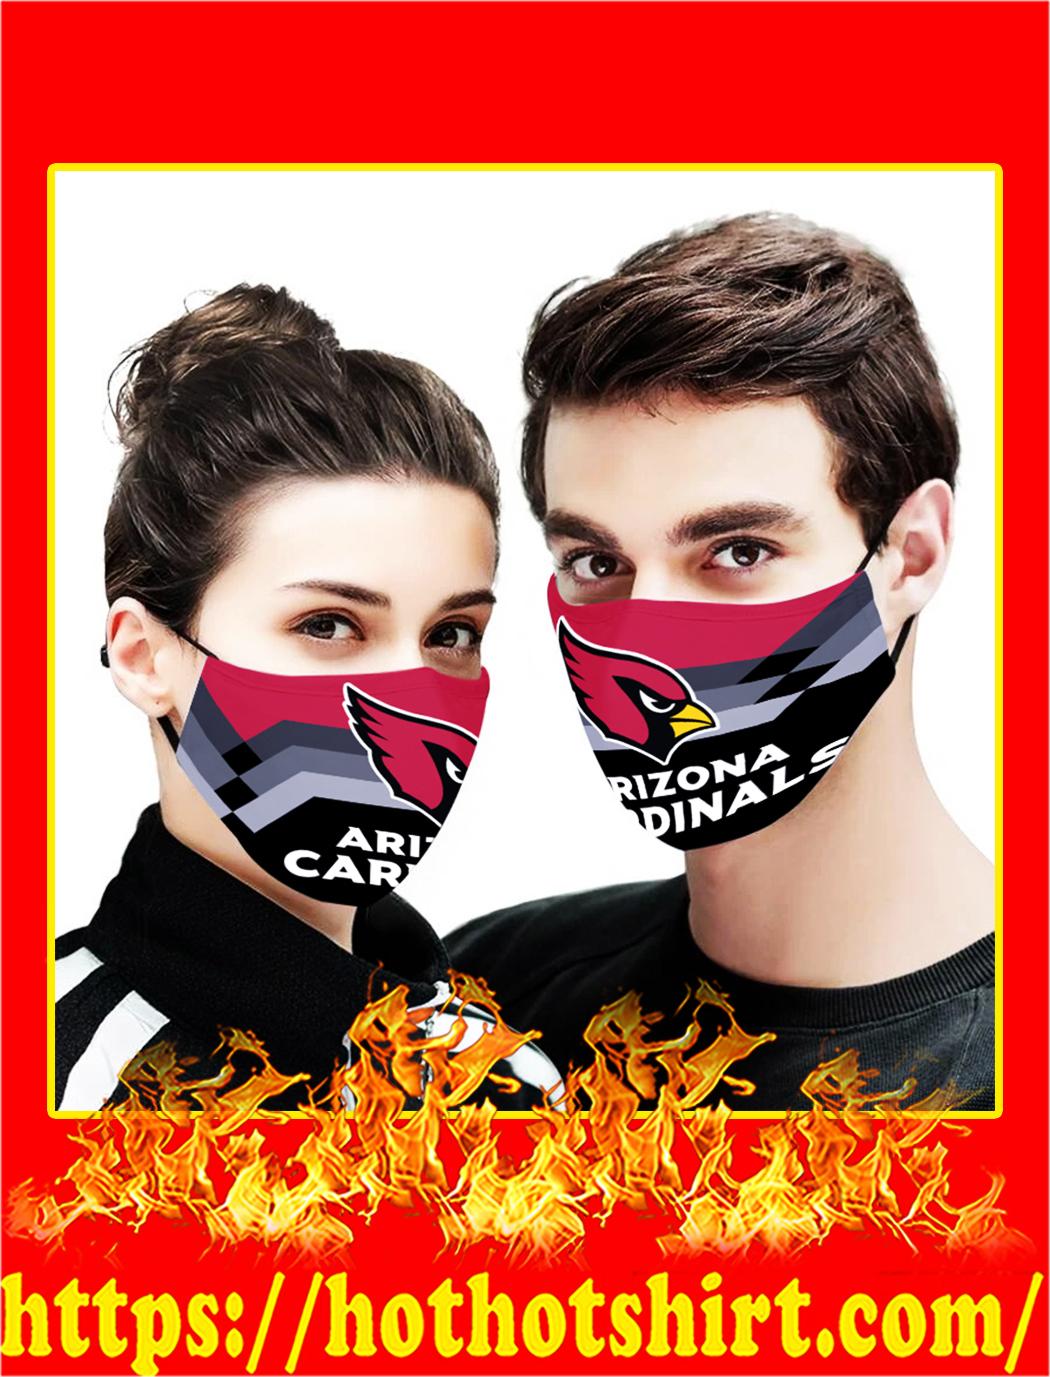 Arizona cardinals face mask - pic 1